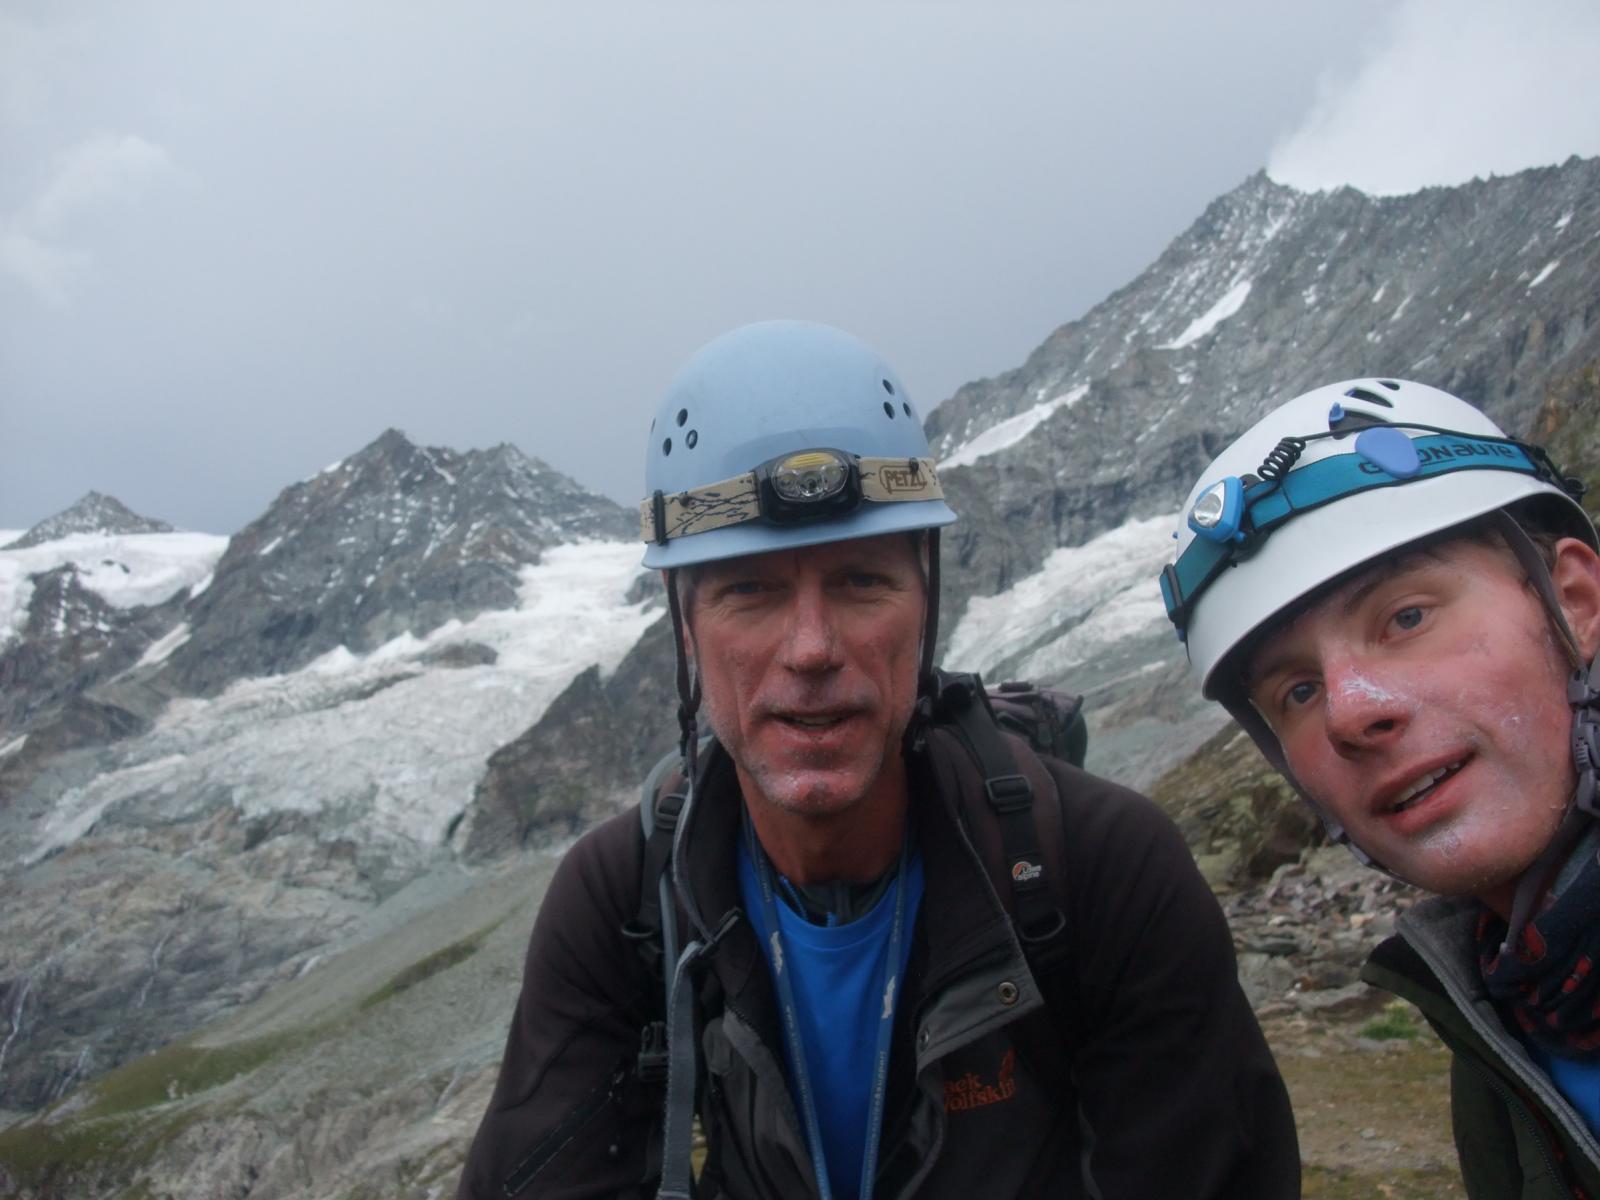 nach Abstieg vom Weisshorn, rechts Weisshorn-Ostgrat mit Wolkenfahne